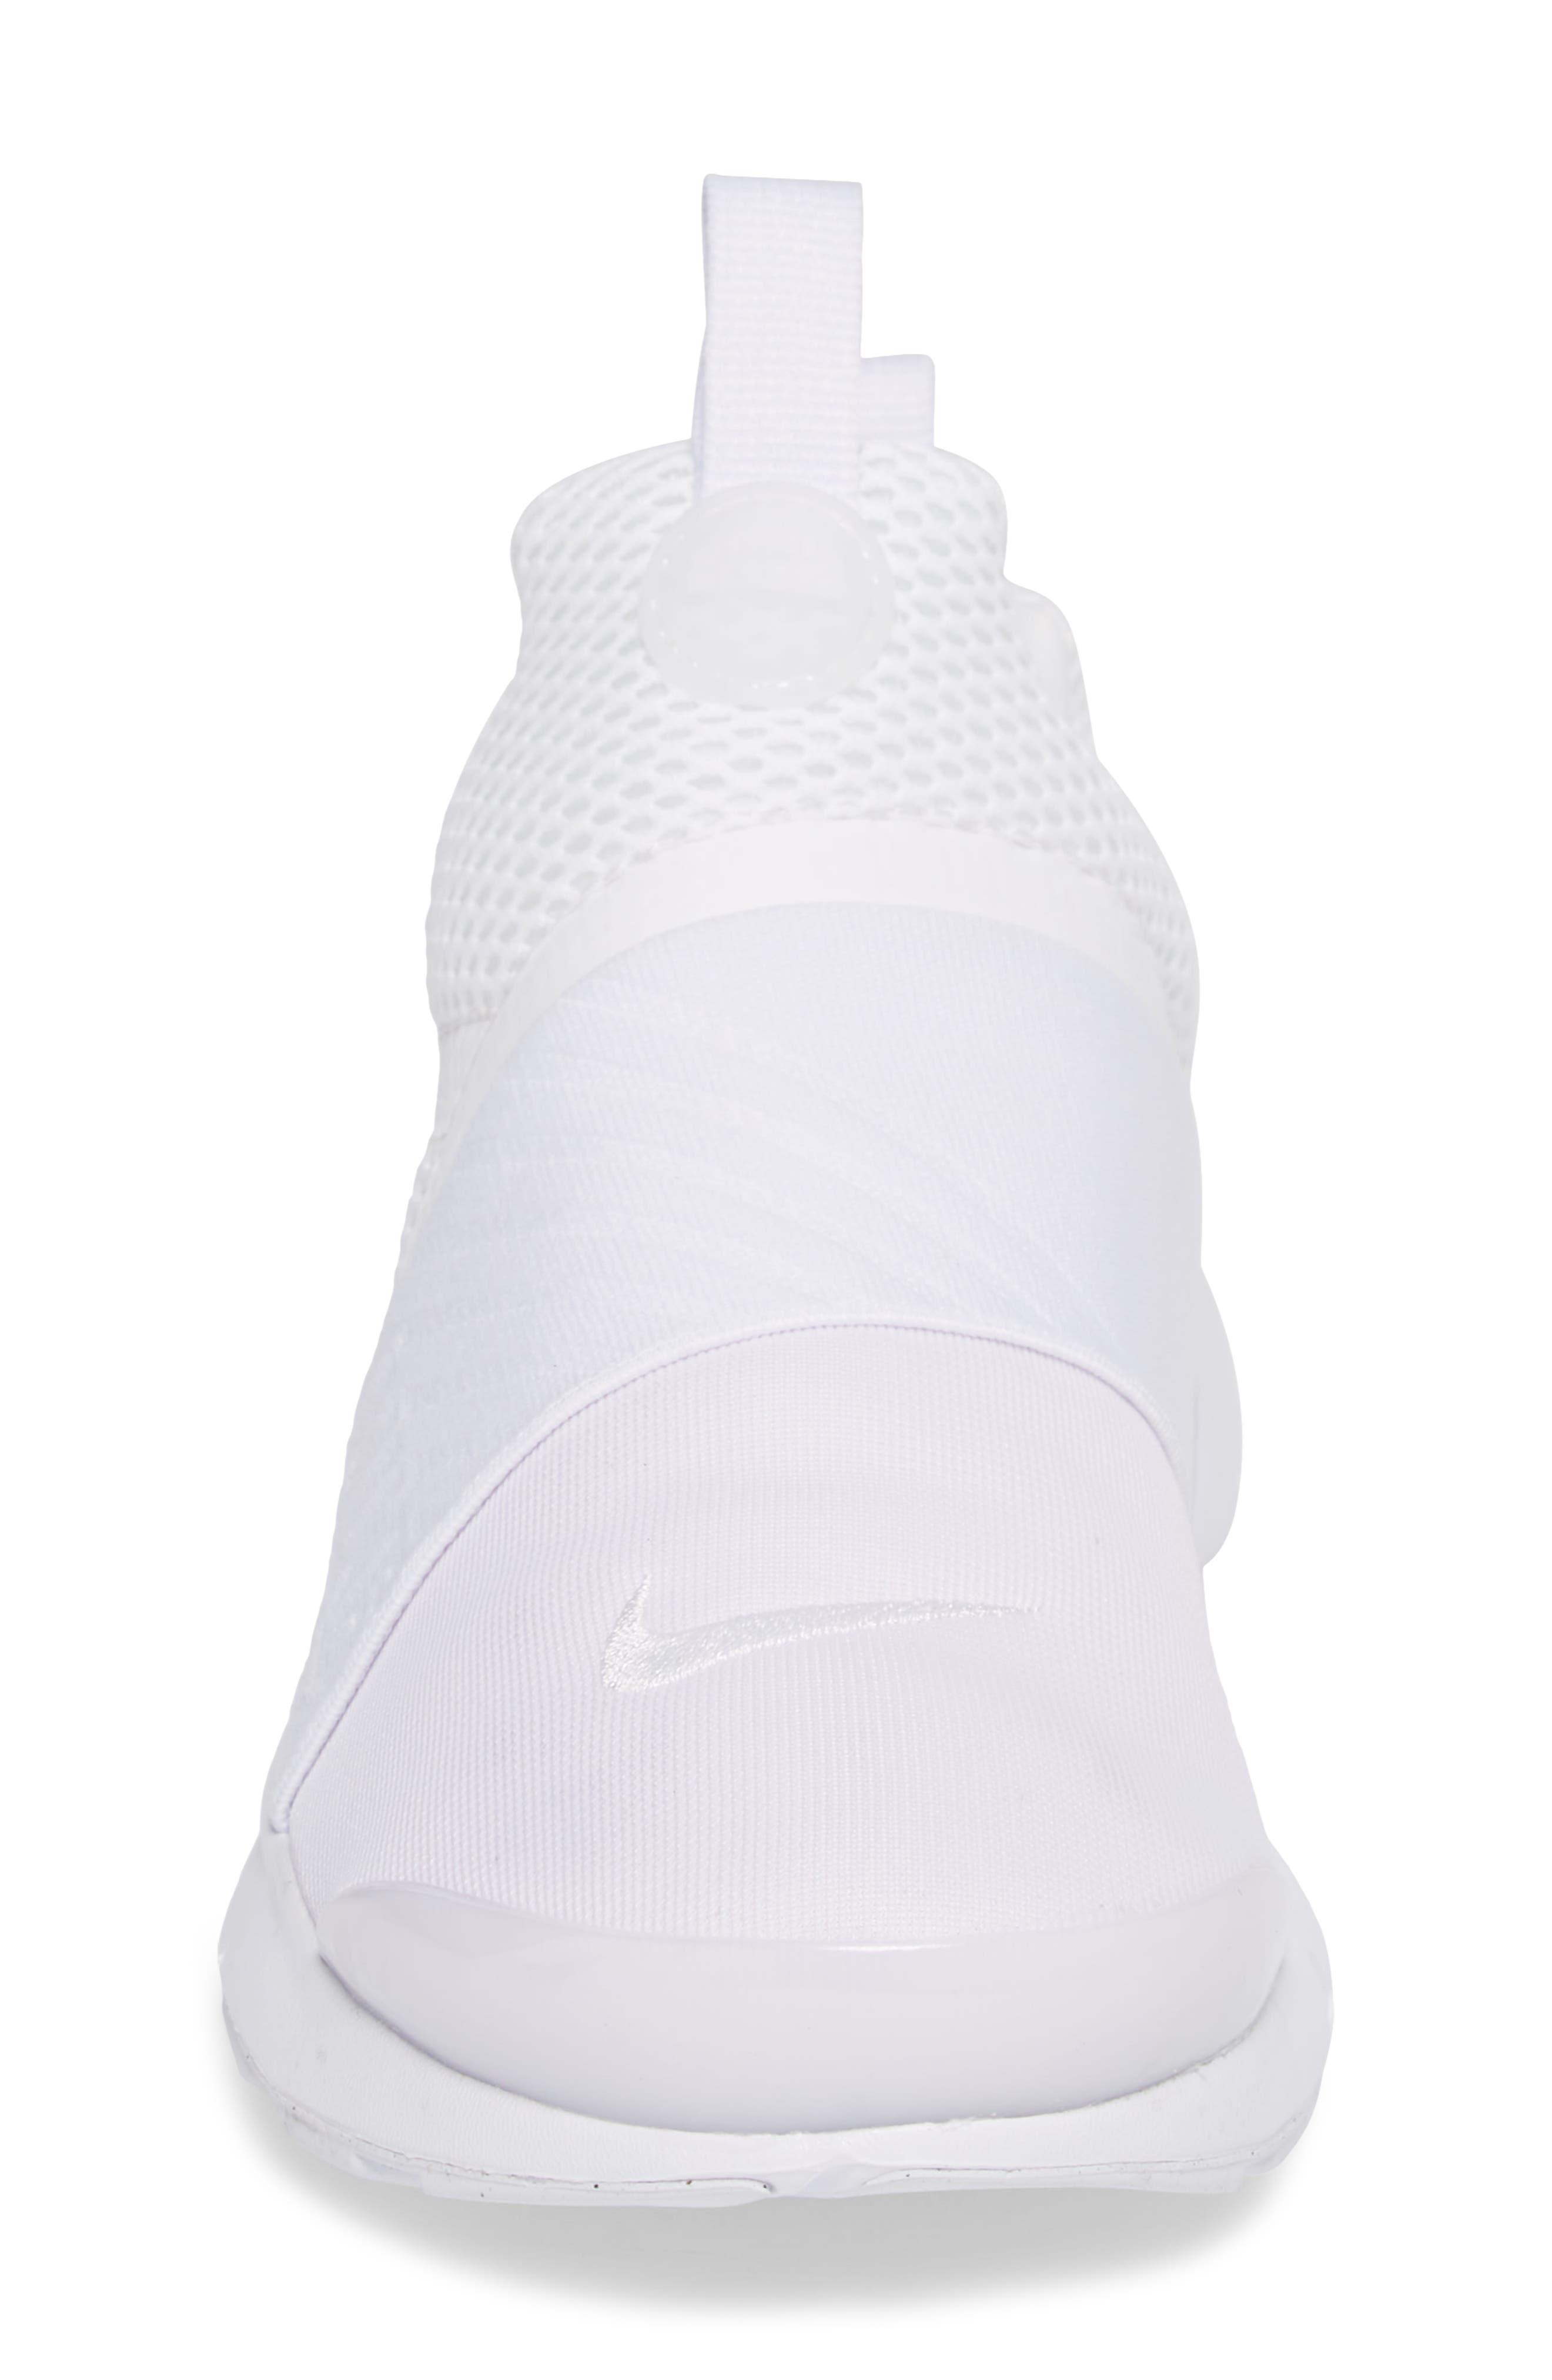 Presto Extreme Sneaker,                             Alternate thumbnail 4, color,                             White/ White/ White